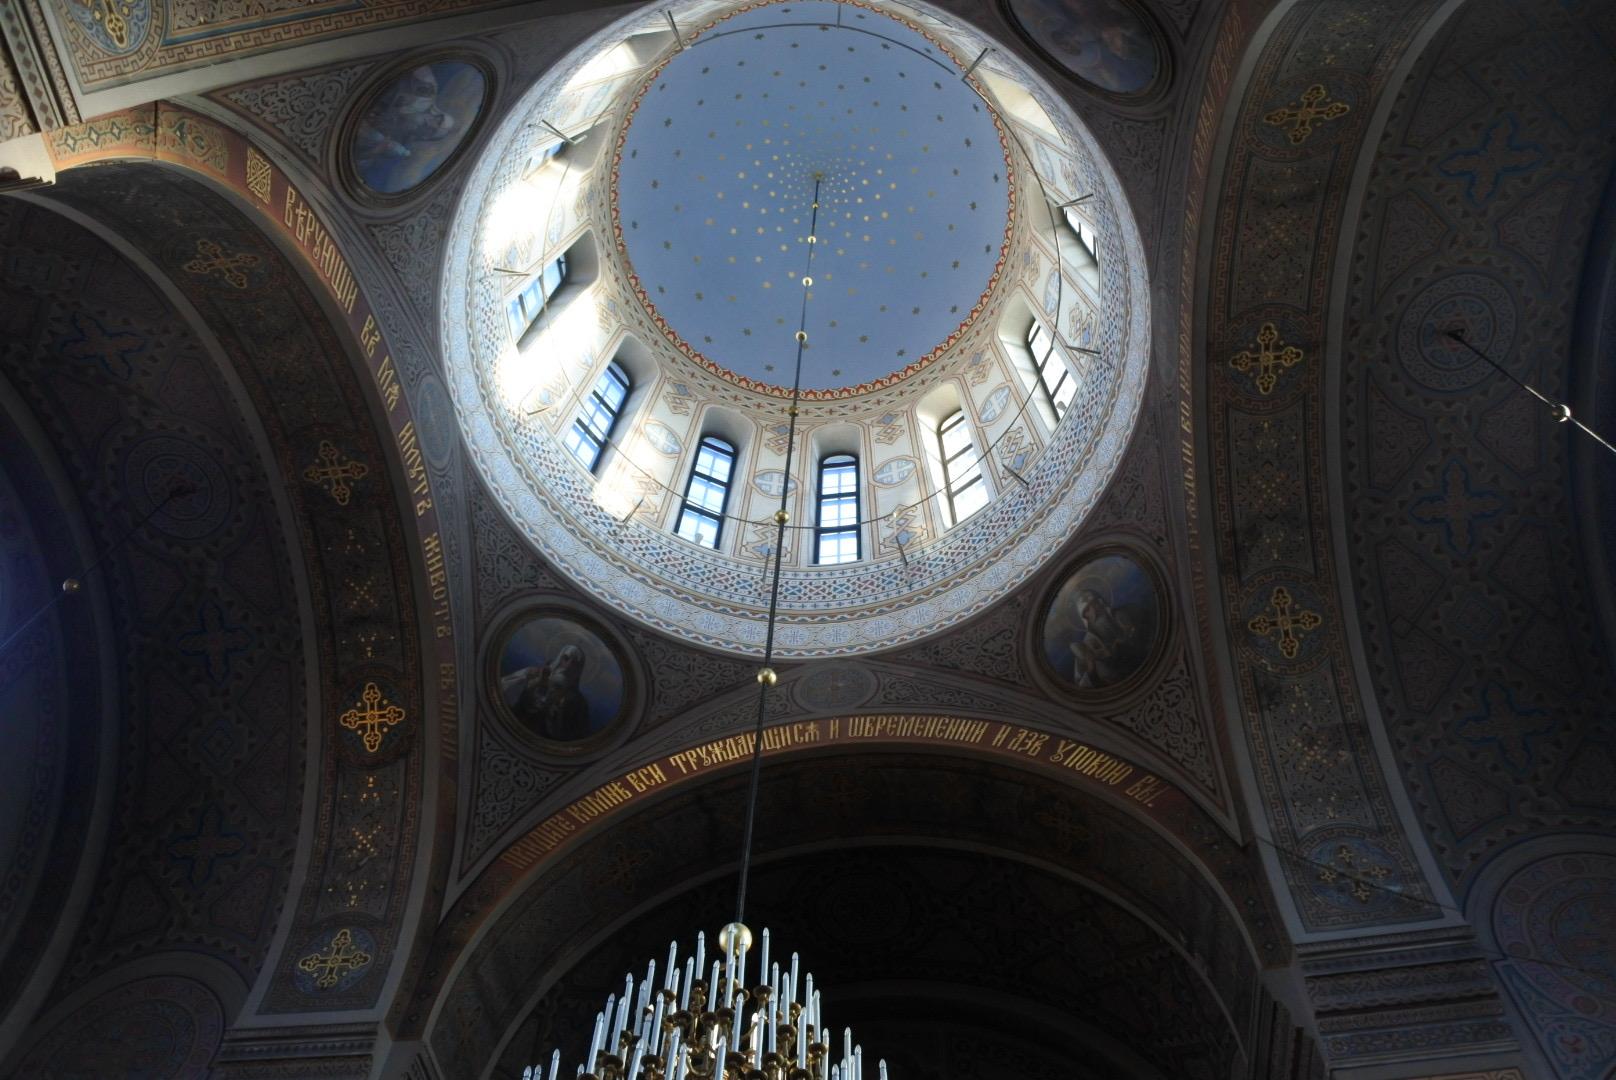 ウスペンスキー大聖堂の内装と天井の写真